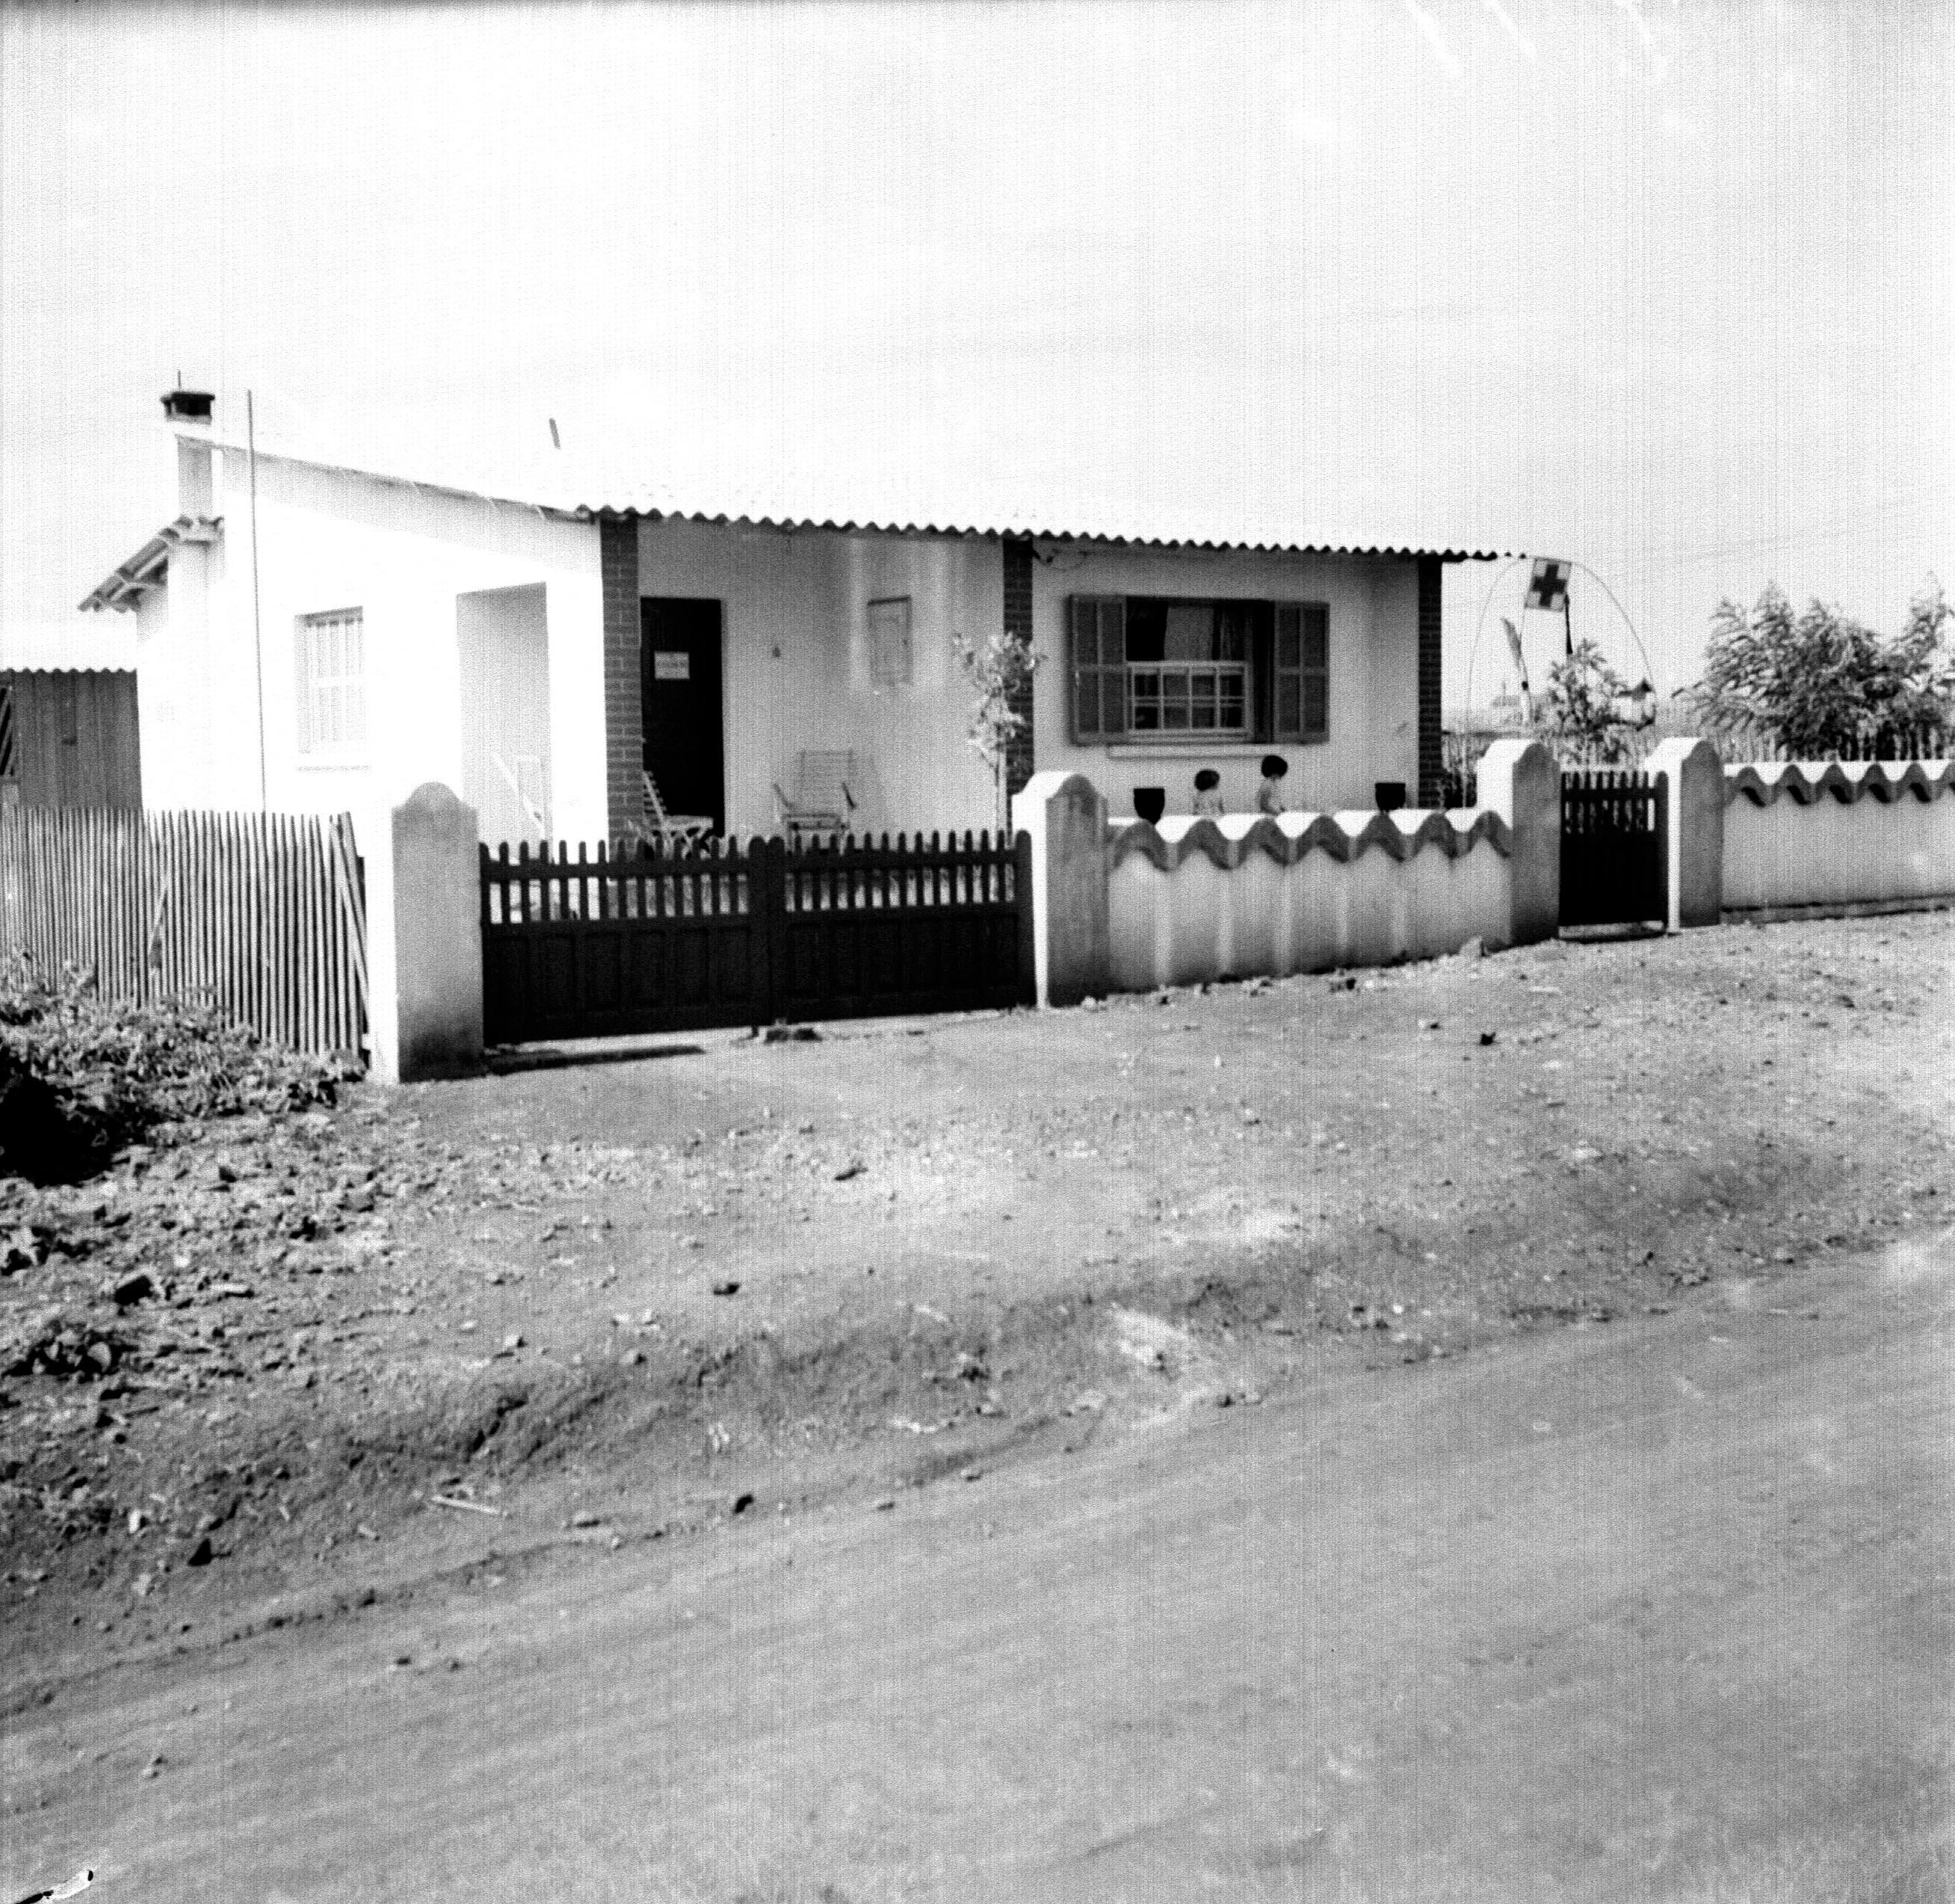 Arquitetura residencial - Anos 1950